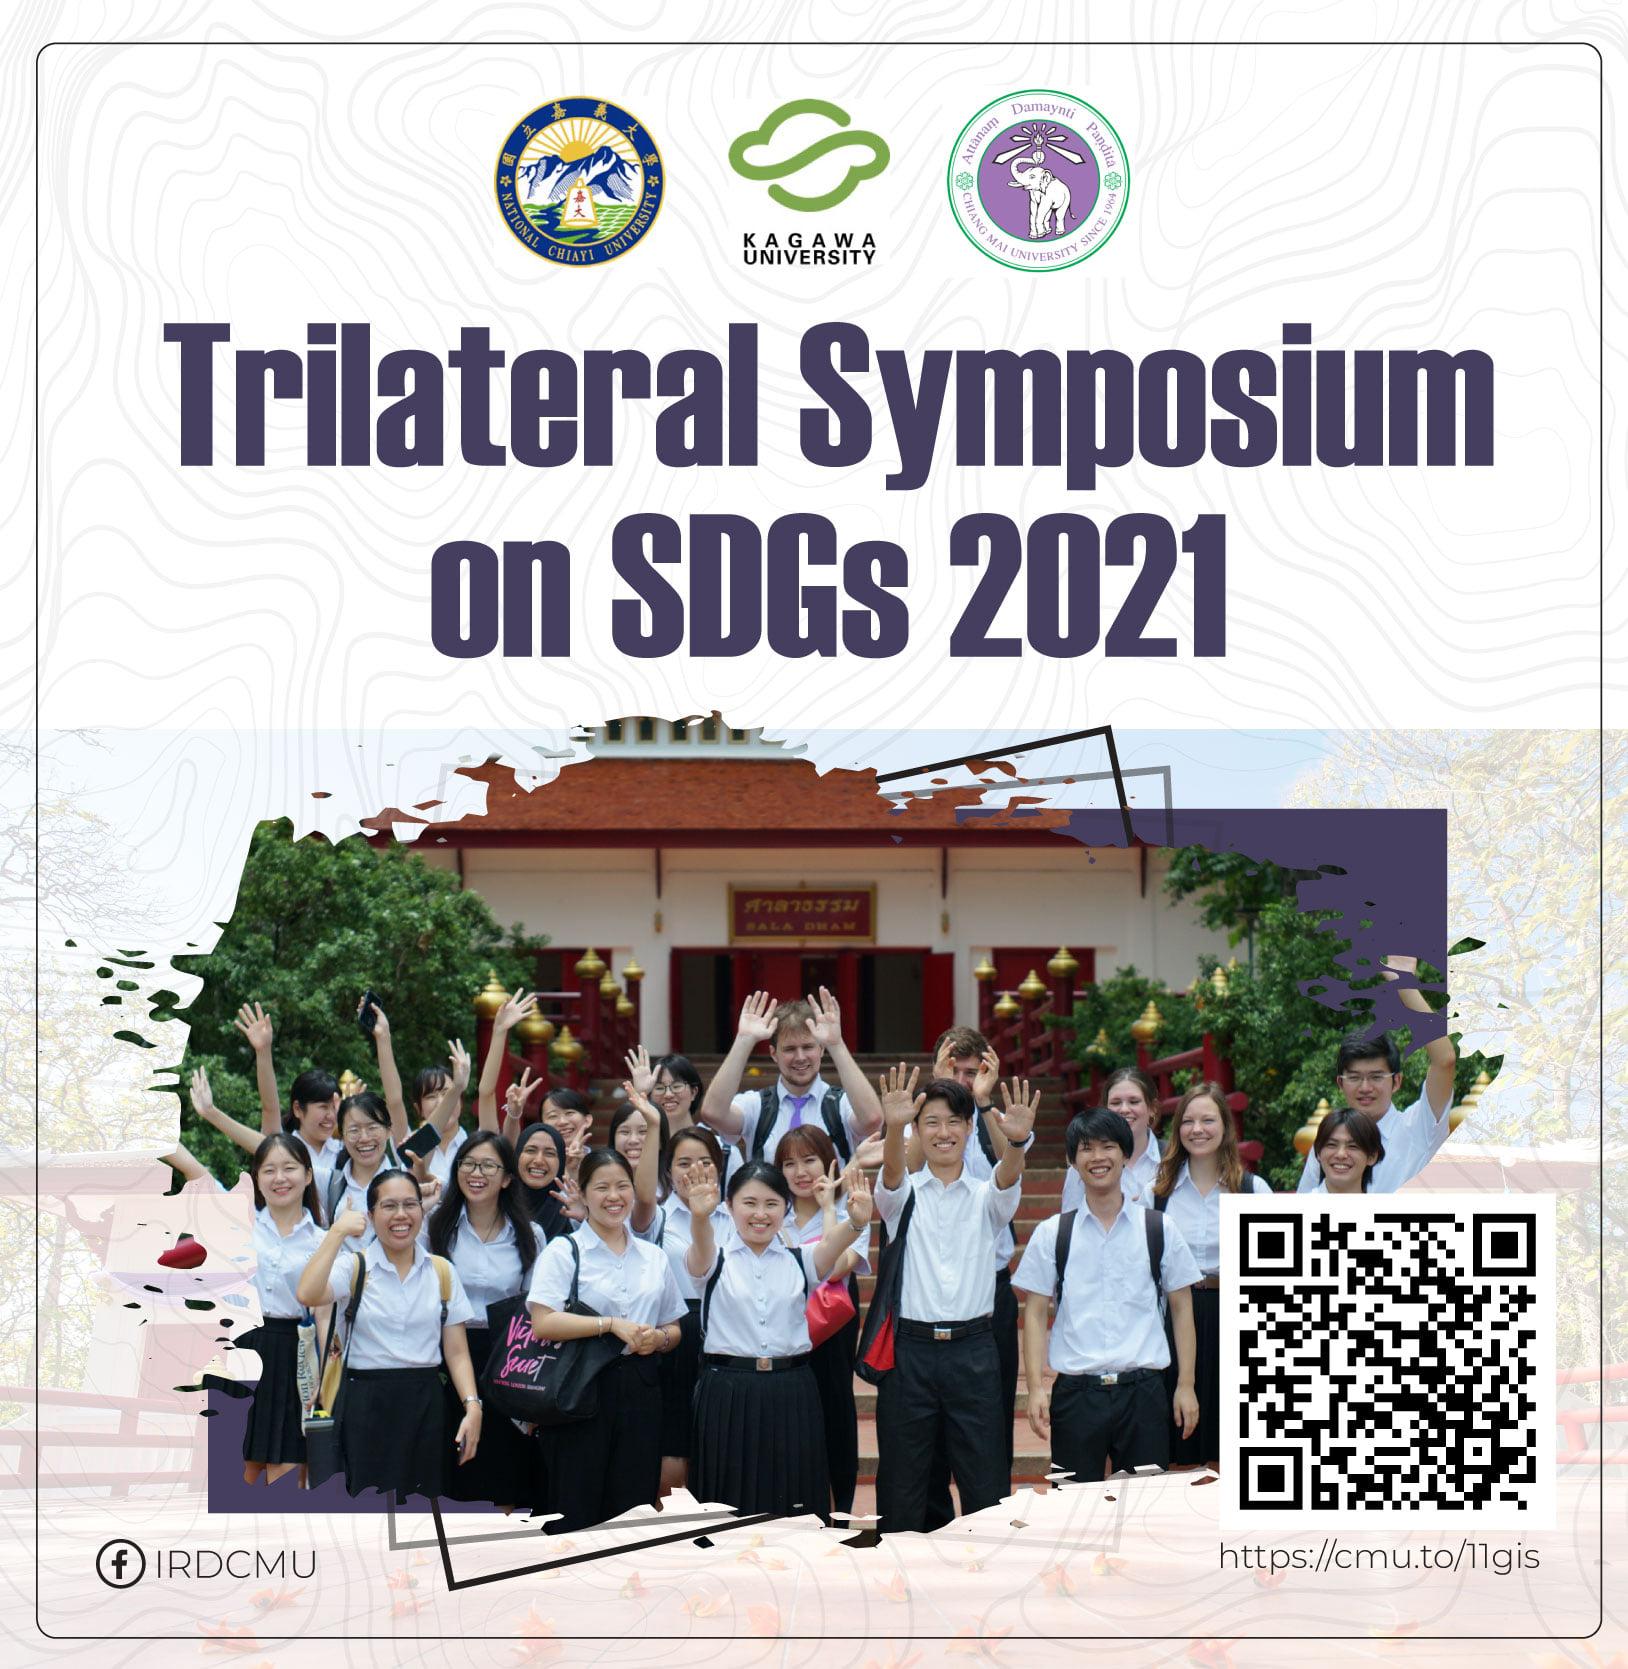 ประชาสัมพันธ์การรับสมัครนักศึกษาเพื่อเข้าร่วมกิจกรรม Trilateral Symposium on SDGs 2021 (หมดเขตรับสมัคร 22 ก.ค. 2564)